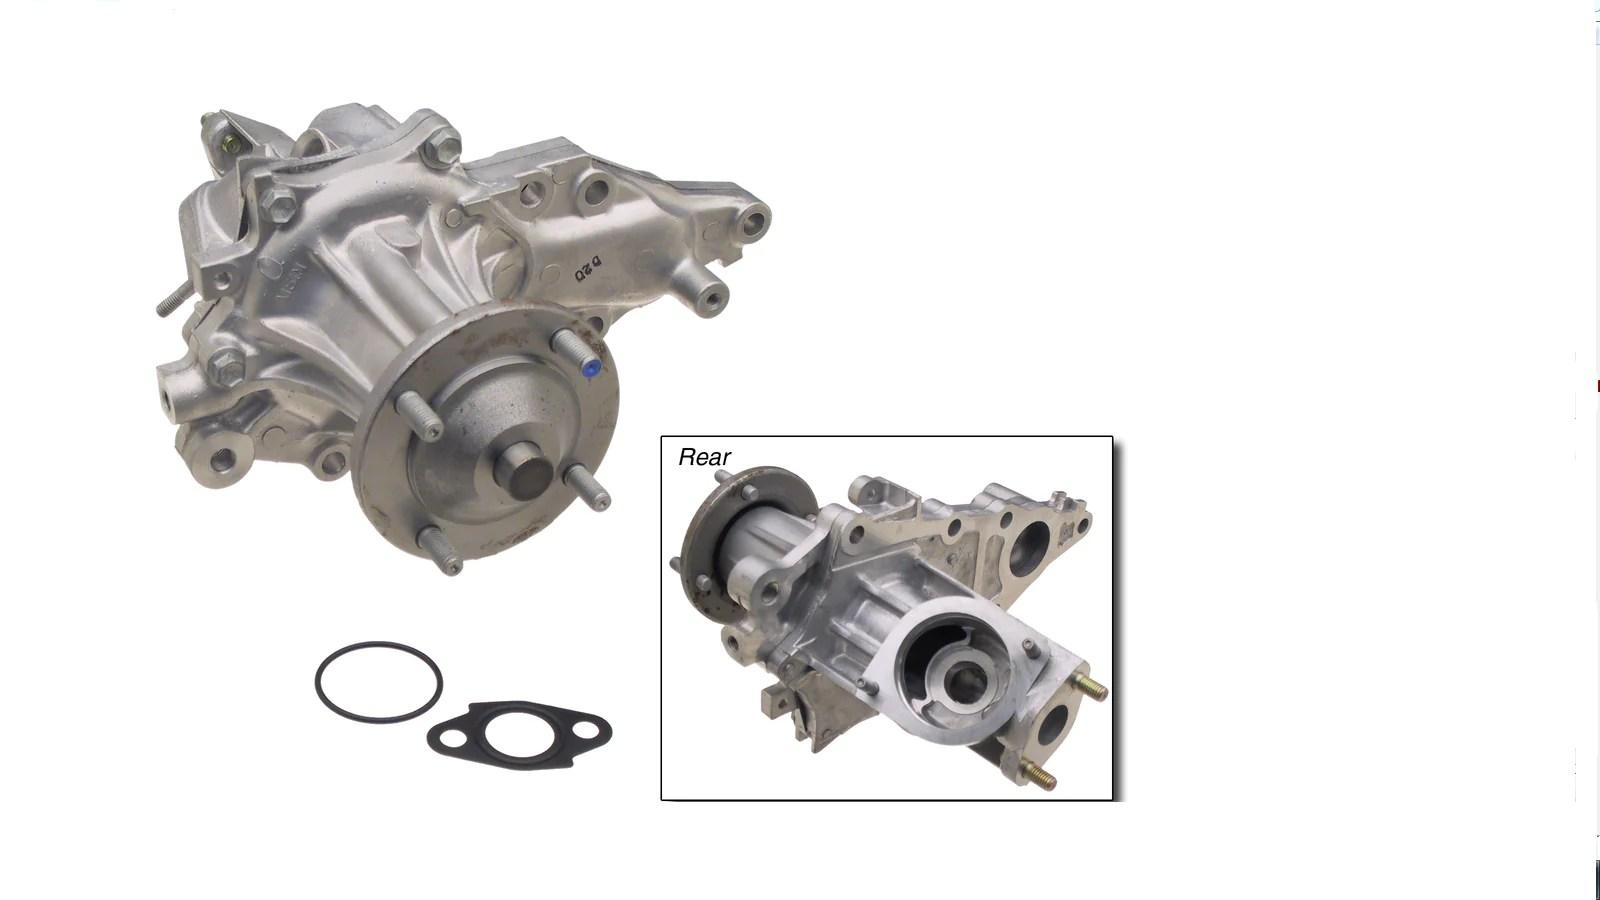 medium resolution of 1993 lexu gs300 engine